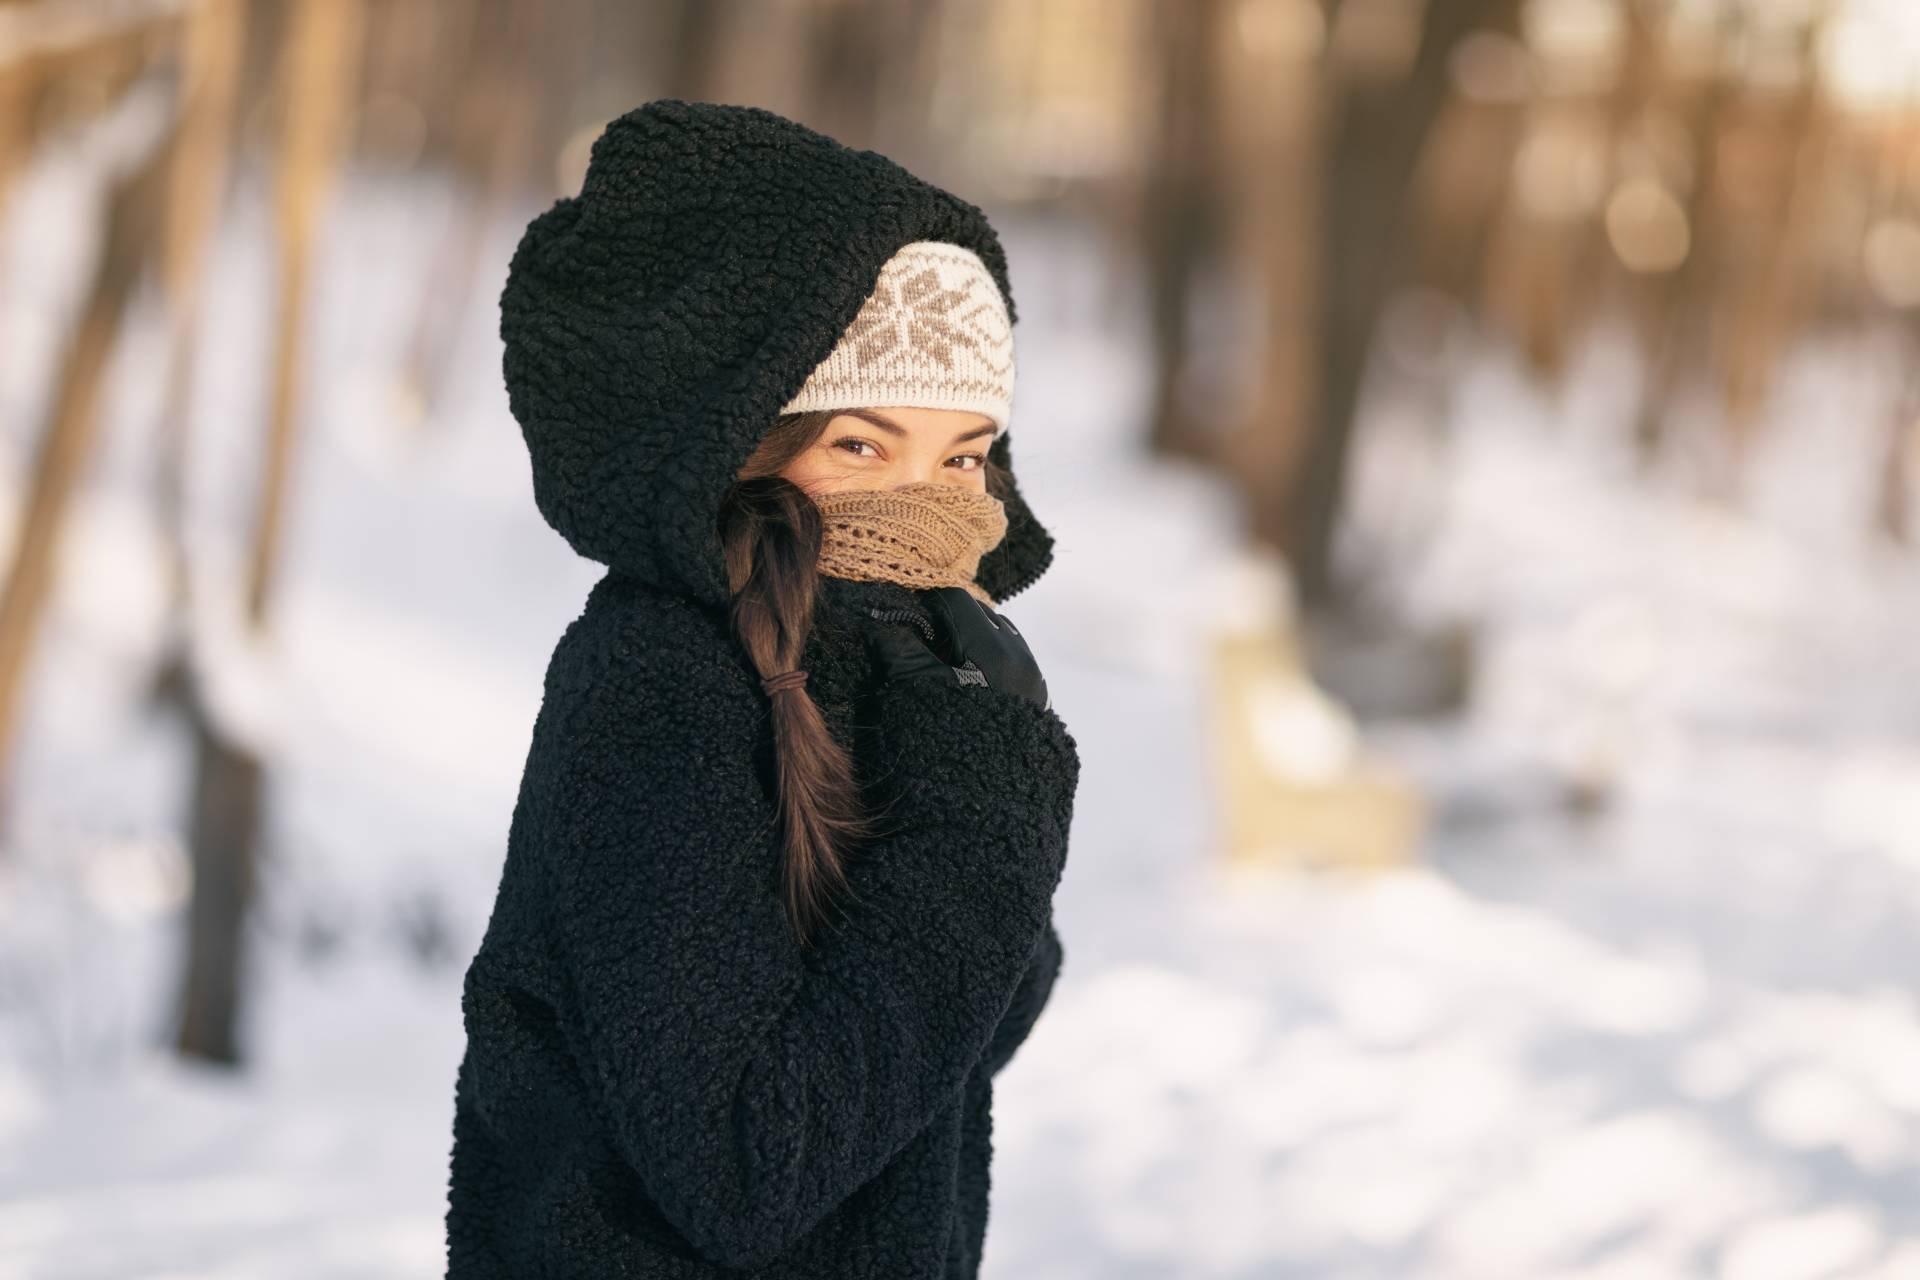 Reumatyzm - jak mu zapobiec? Młoda dziewczyna stoi w lesie opatulona w czarną kurtkę zimową z kapturem, jasną czapkę i ciepły szalik i rękawiczki. z tyłu leży śnieg.